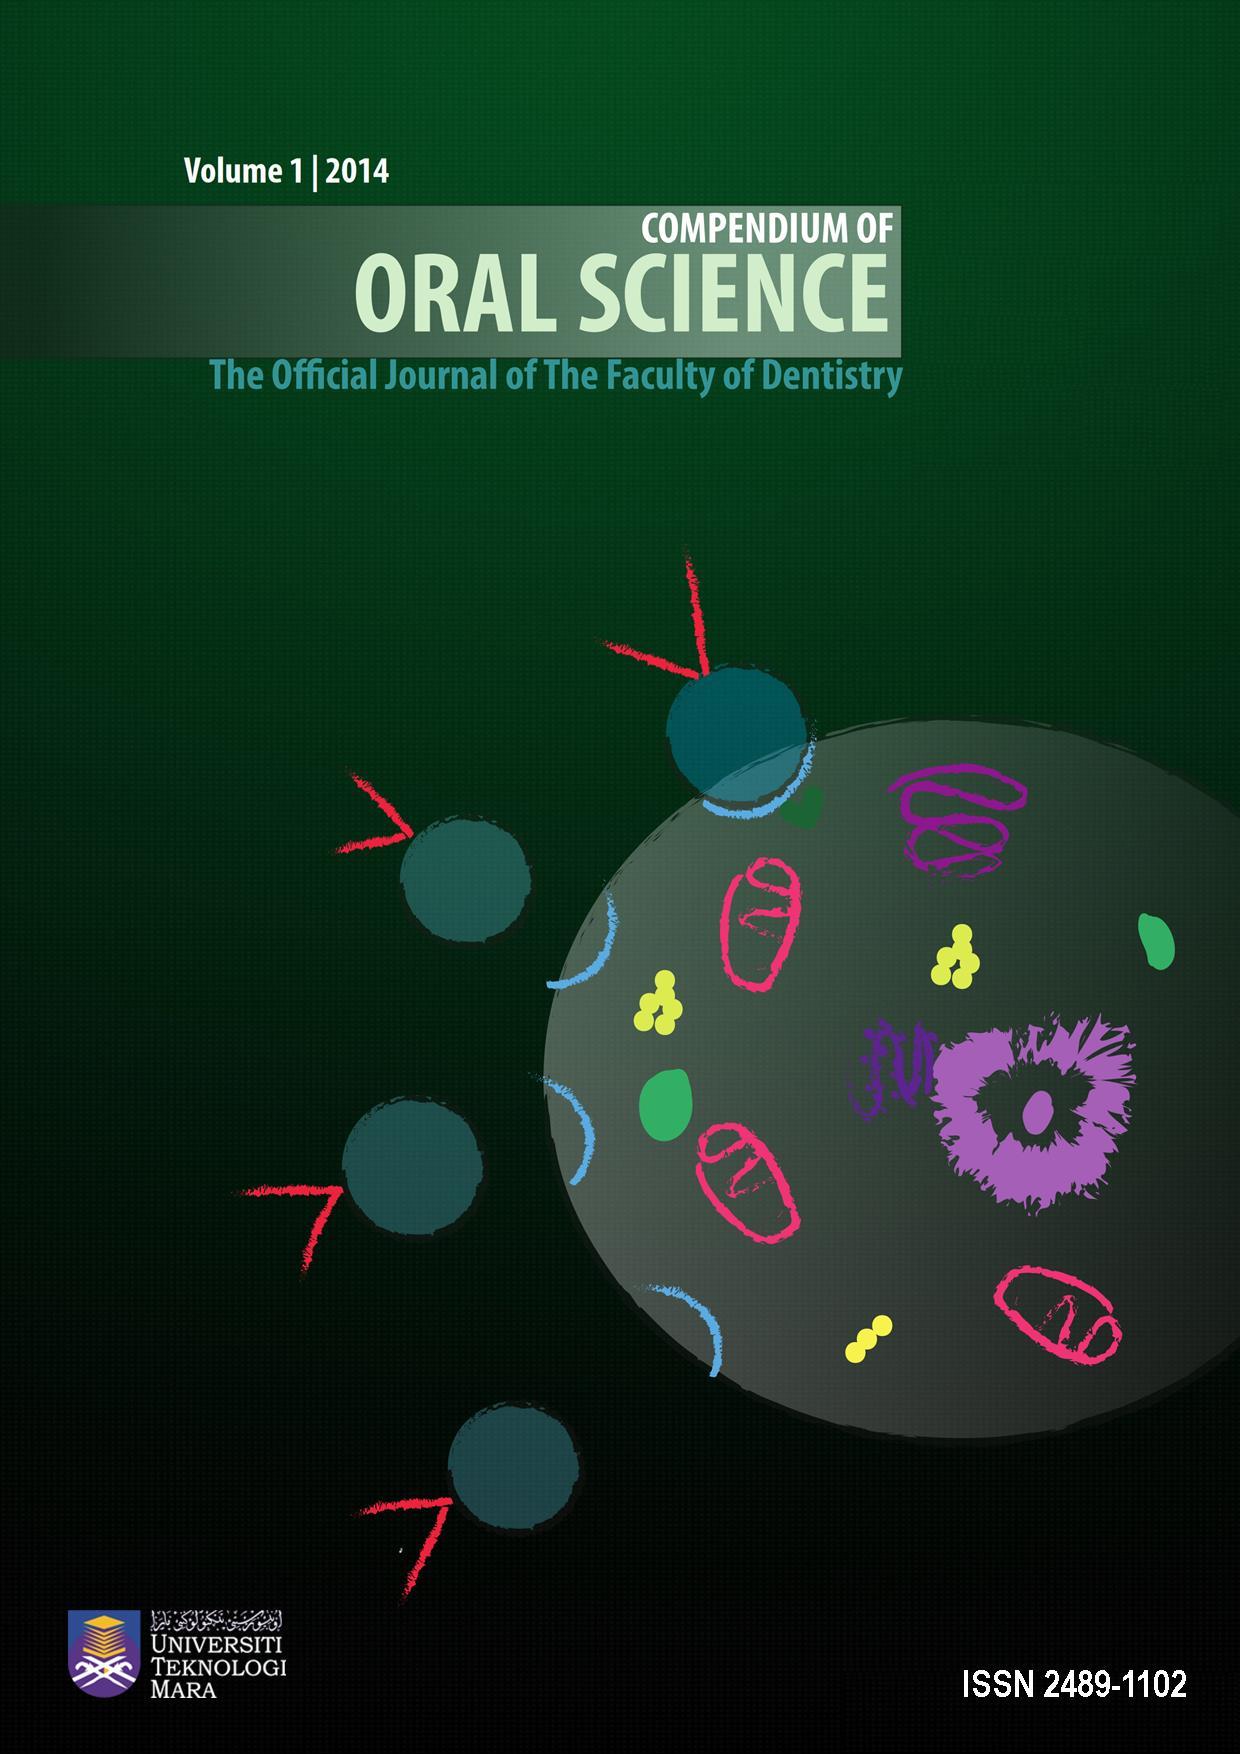 Compendium of Oral Science